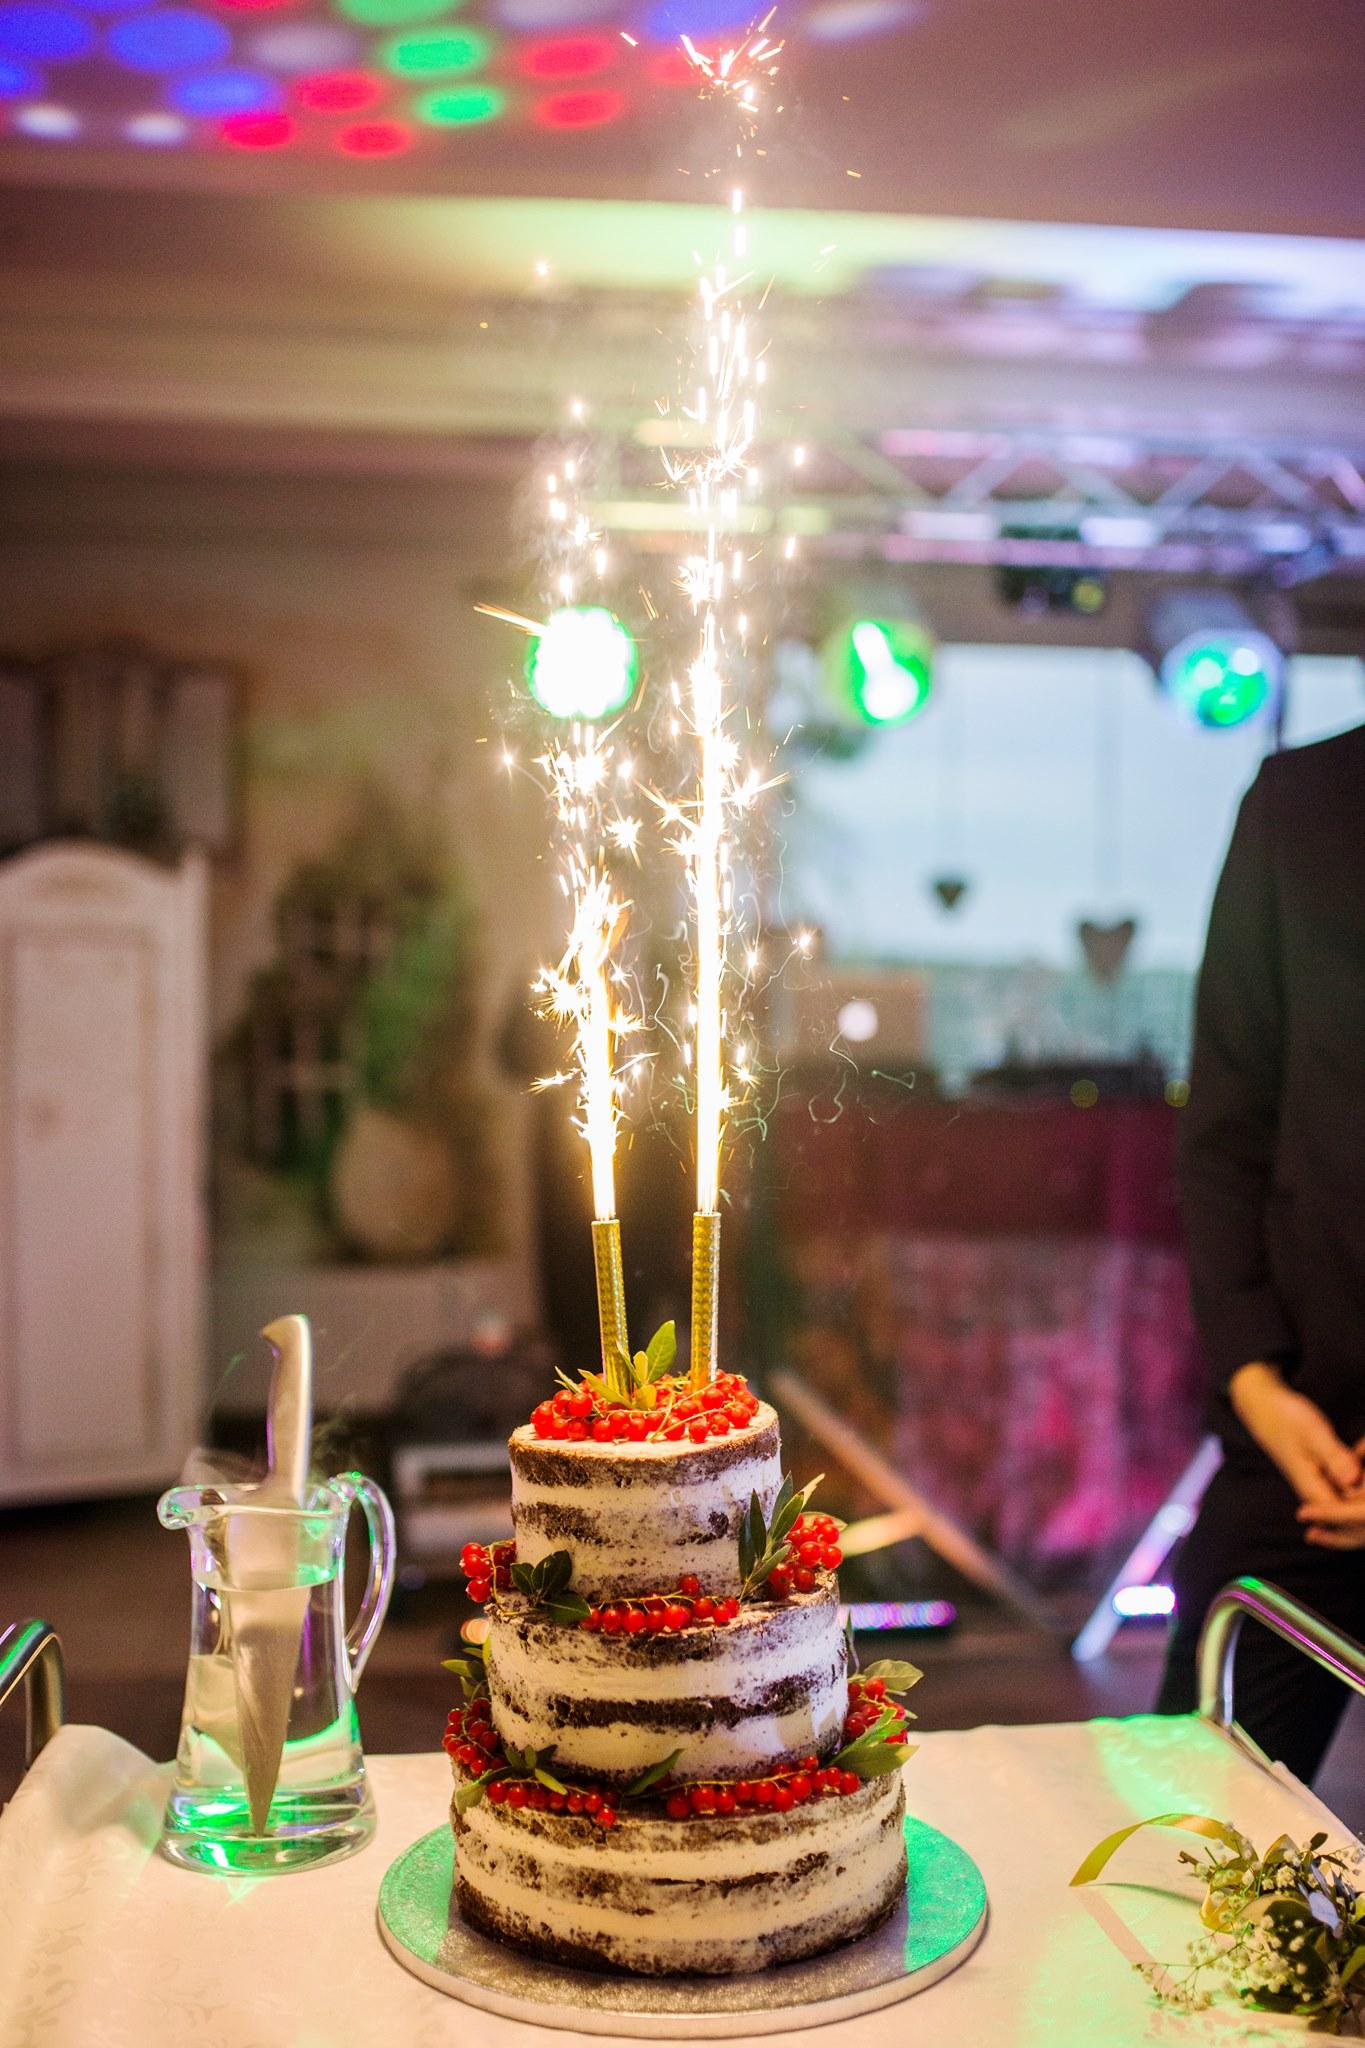 dekoracja tortu dekorka.com ślask